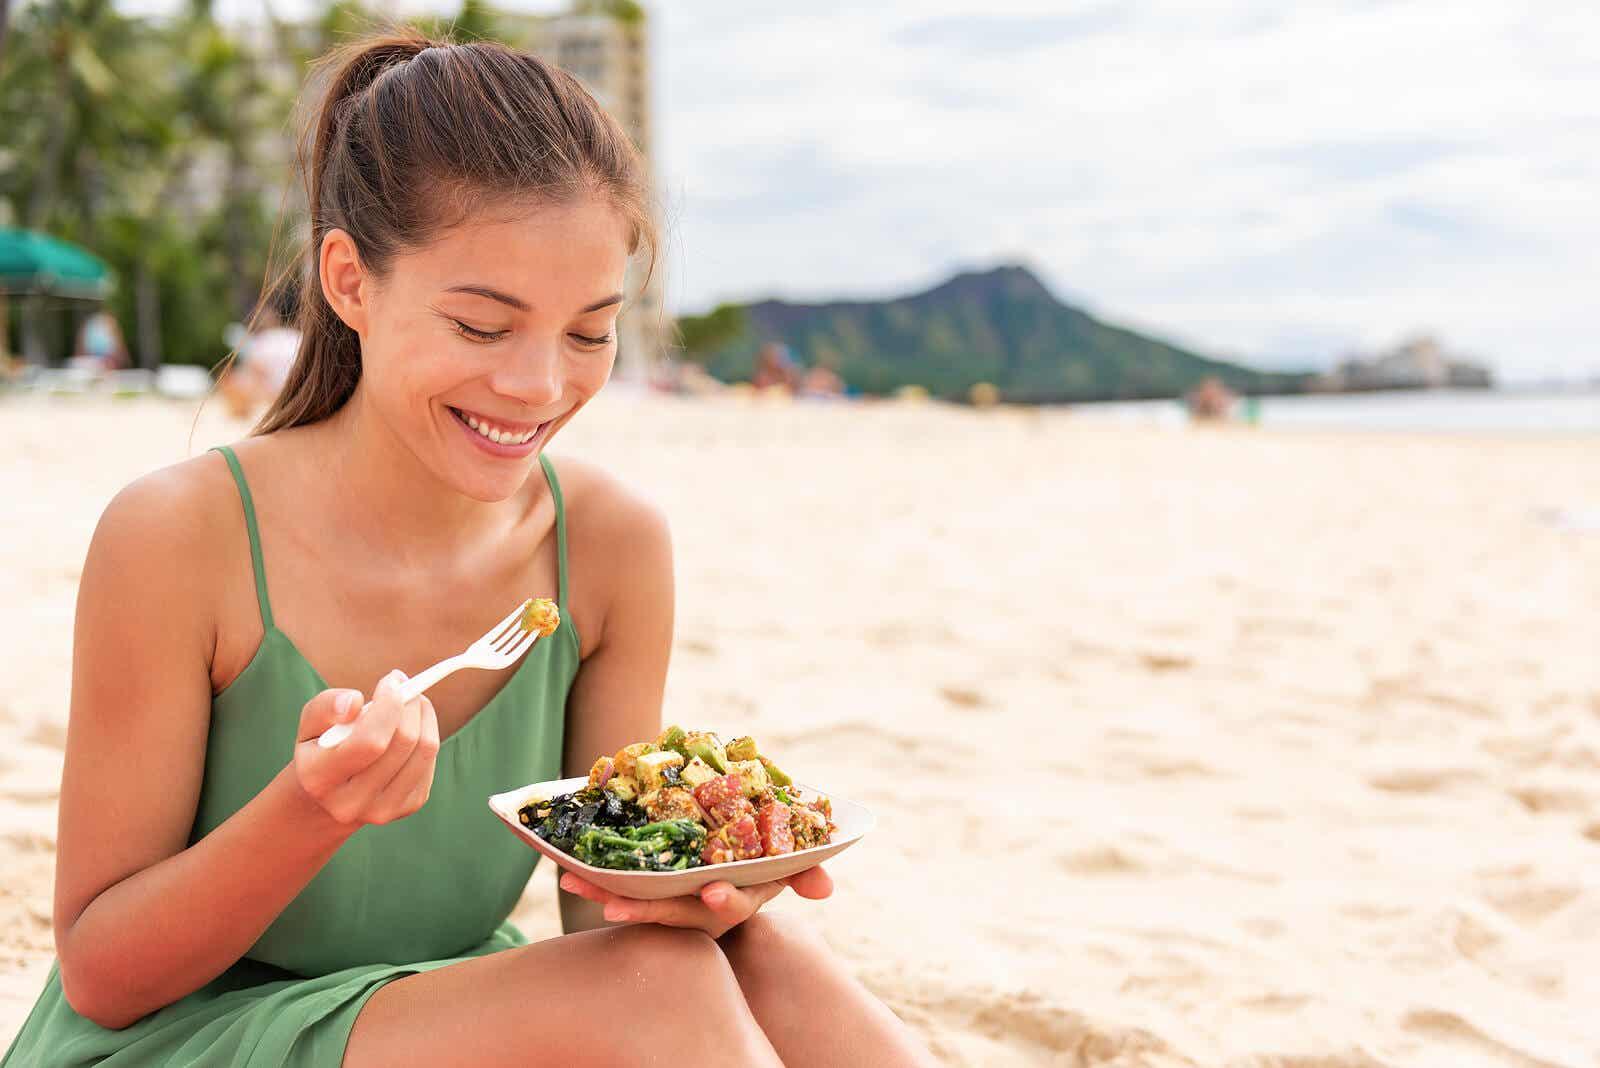 Vrouw die op het strand gezond voedsel eet dat thuis wordt bereid om voedselvergiftiging te voorkomen.